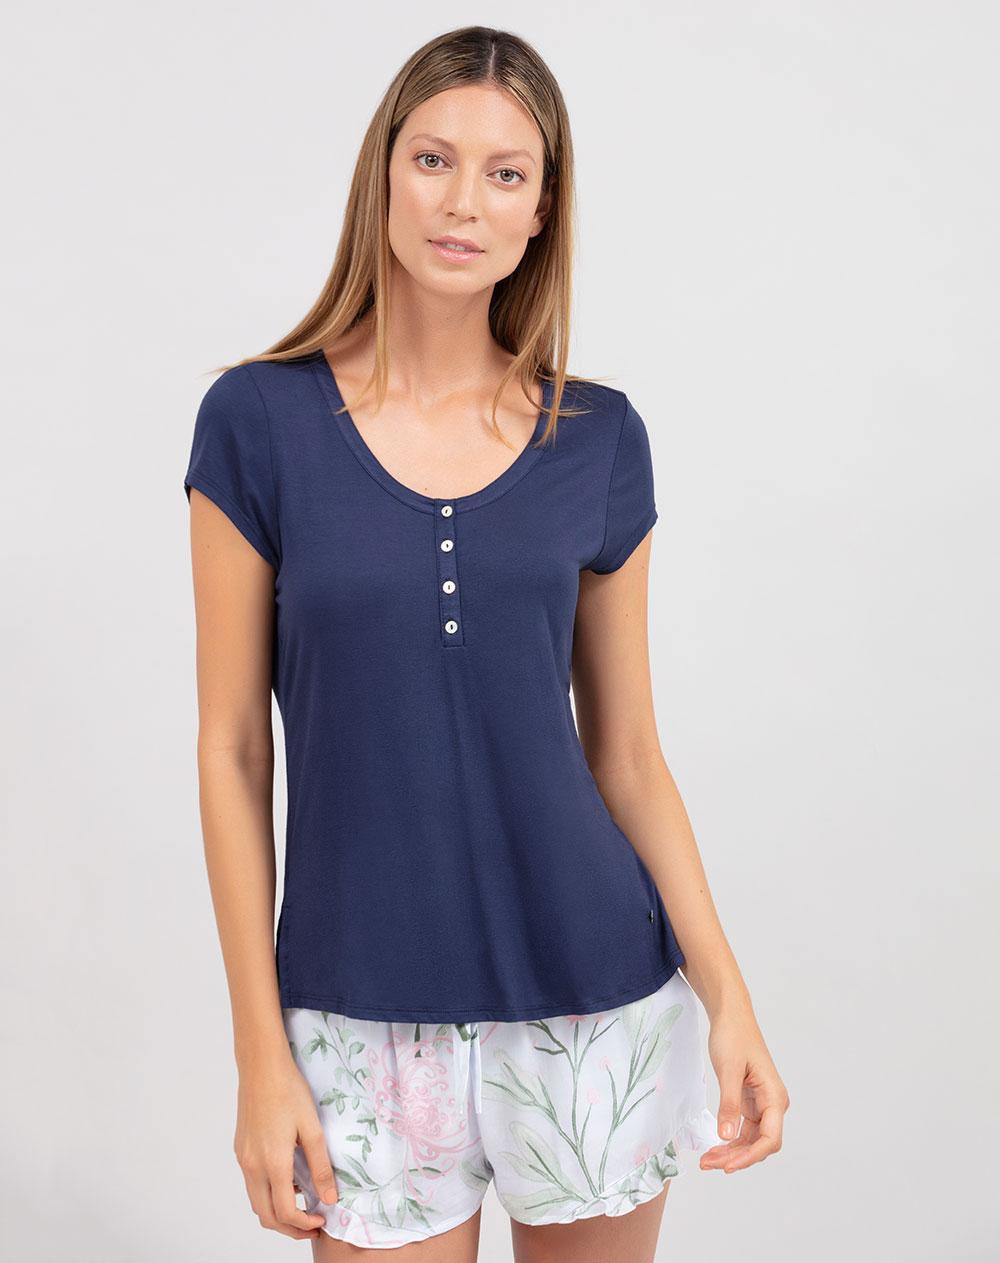 82098bbaee46 Camiseta de Mujer Trinity Azul Marino de Pijama Punto Blanco